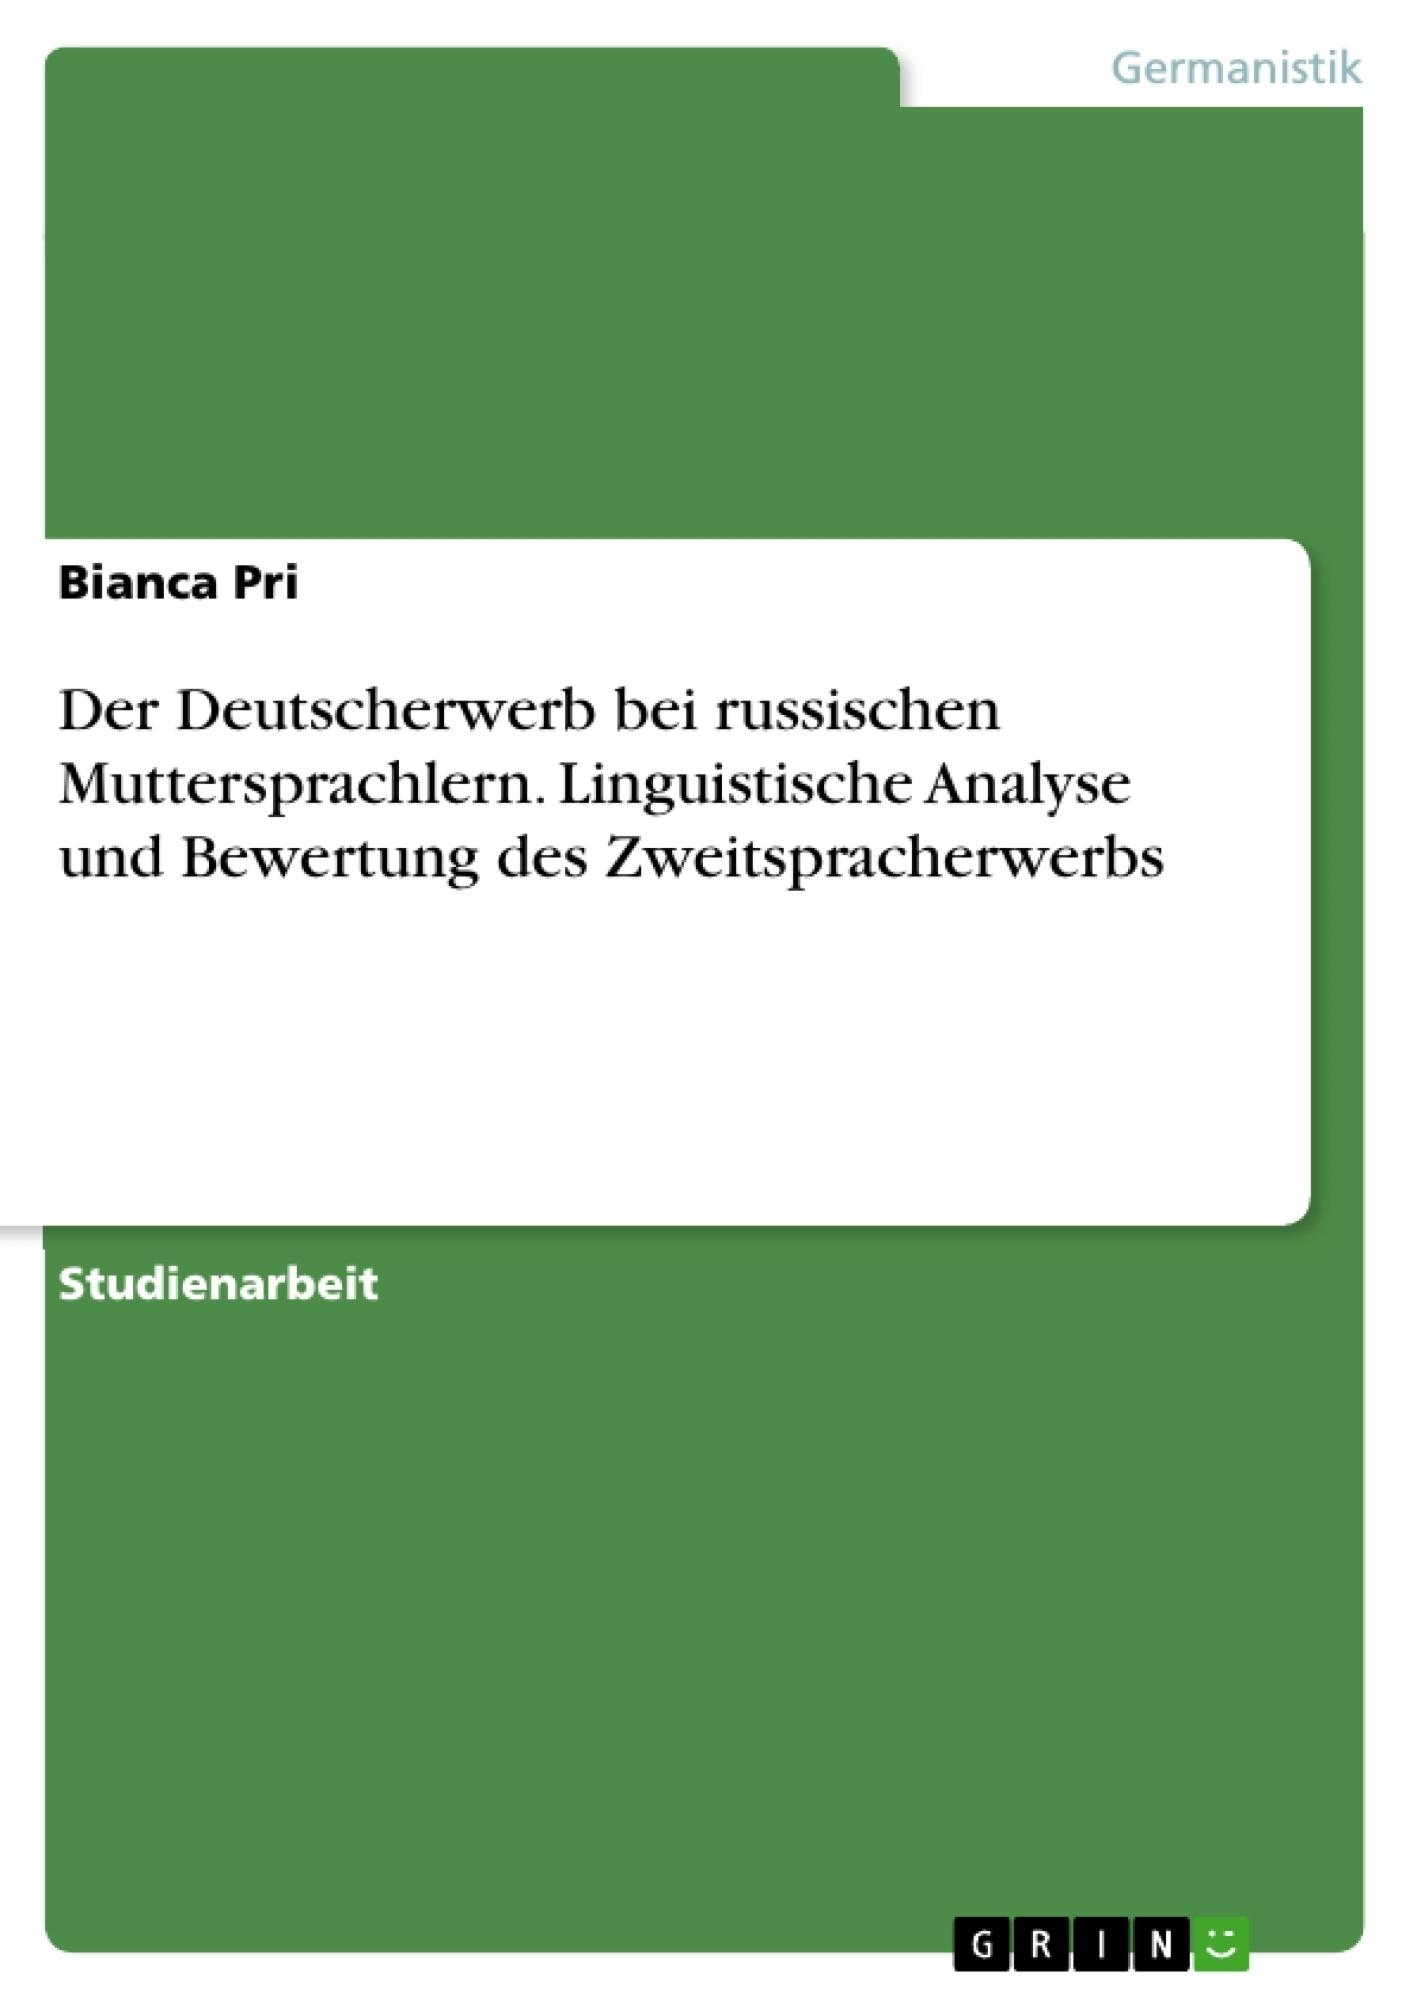 Titel: Der Deutscherwerb bei russischen Muttersprachlern. Linguistische Analyse und Bewertung des Zweitspracherwerbs